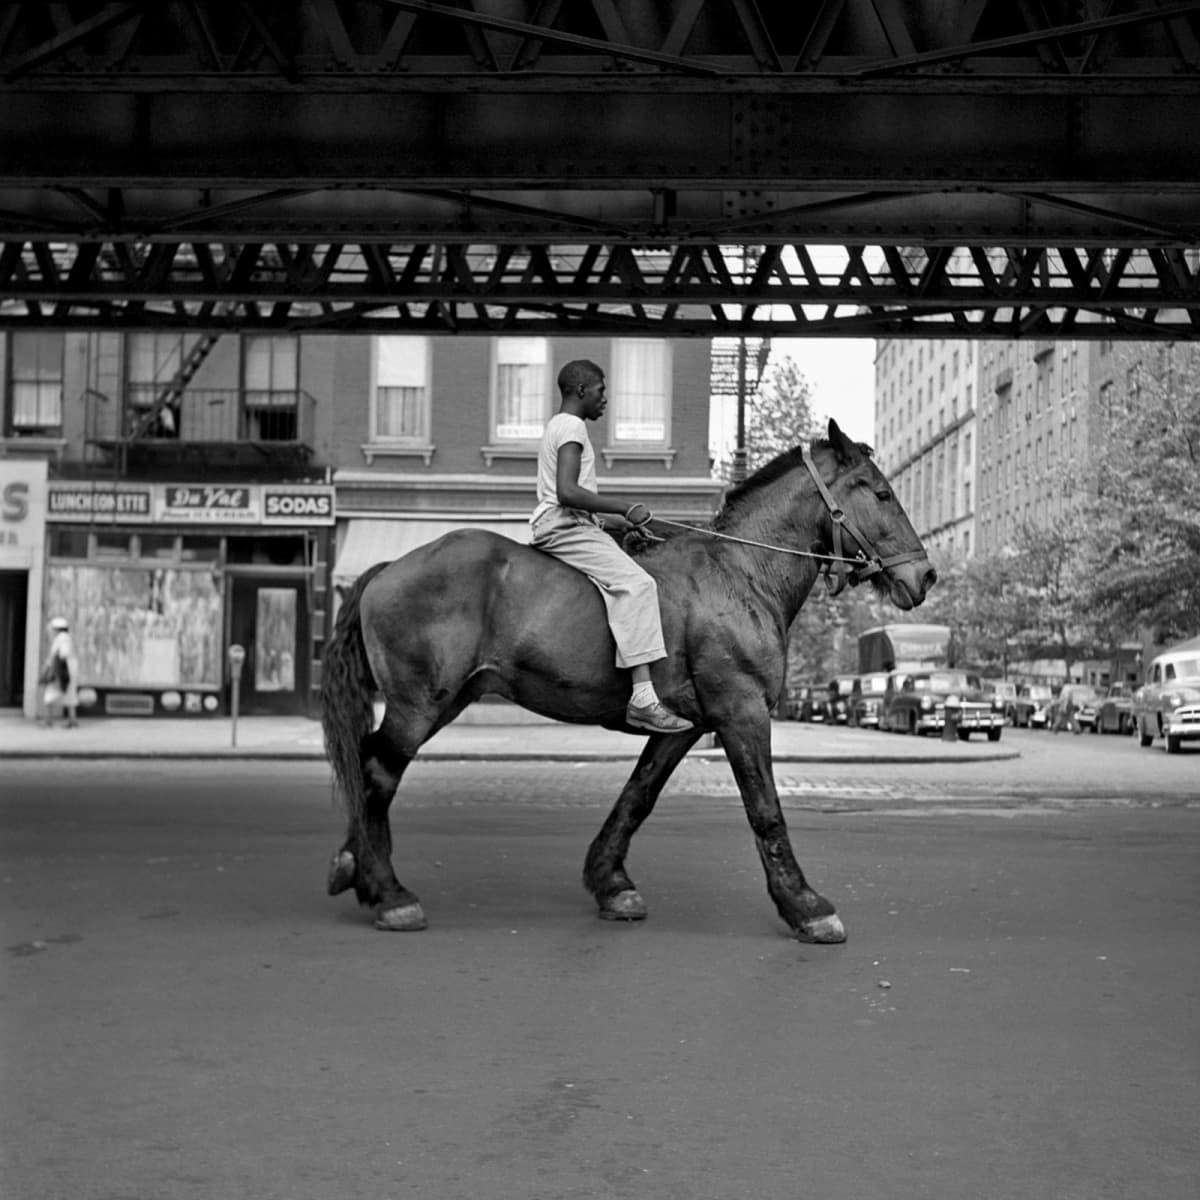 Mies ratsastaa kadulla sillan alla.